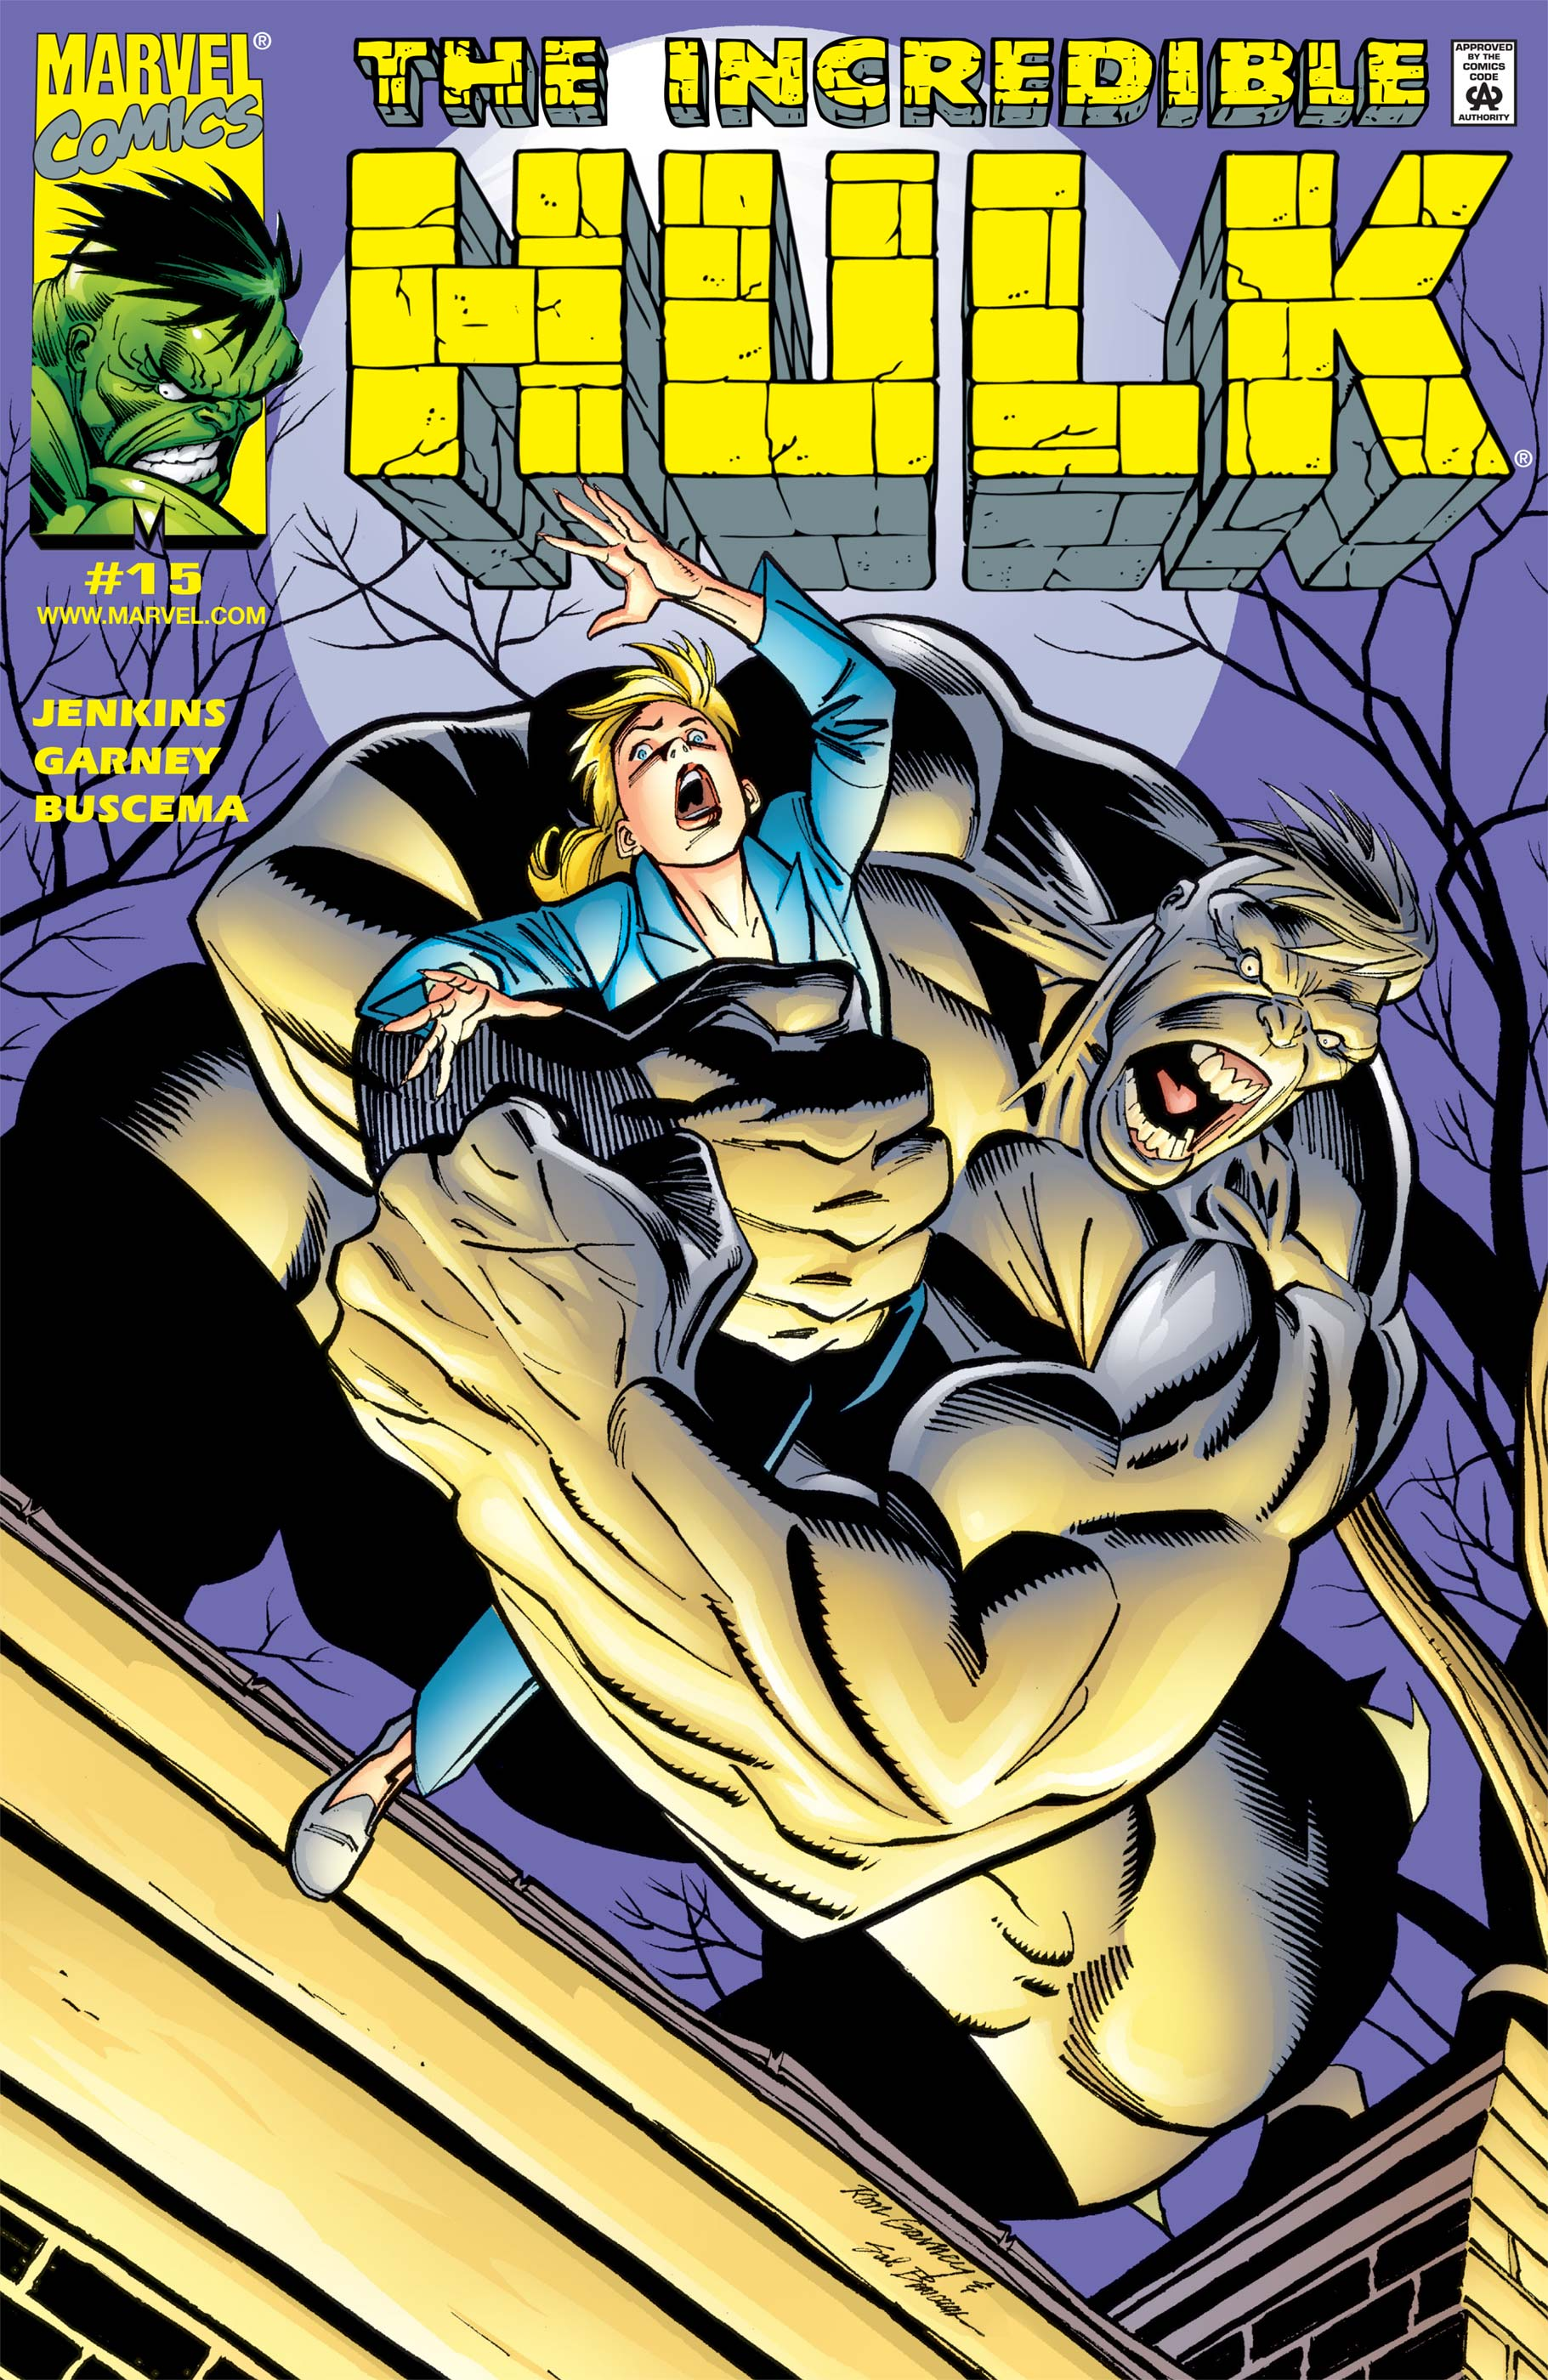 Incredible Hulk (1999) #15